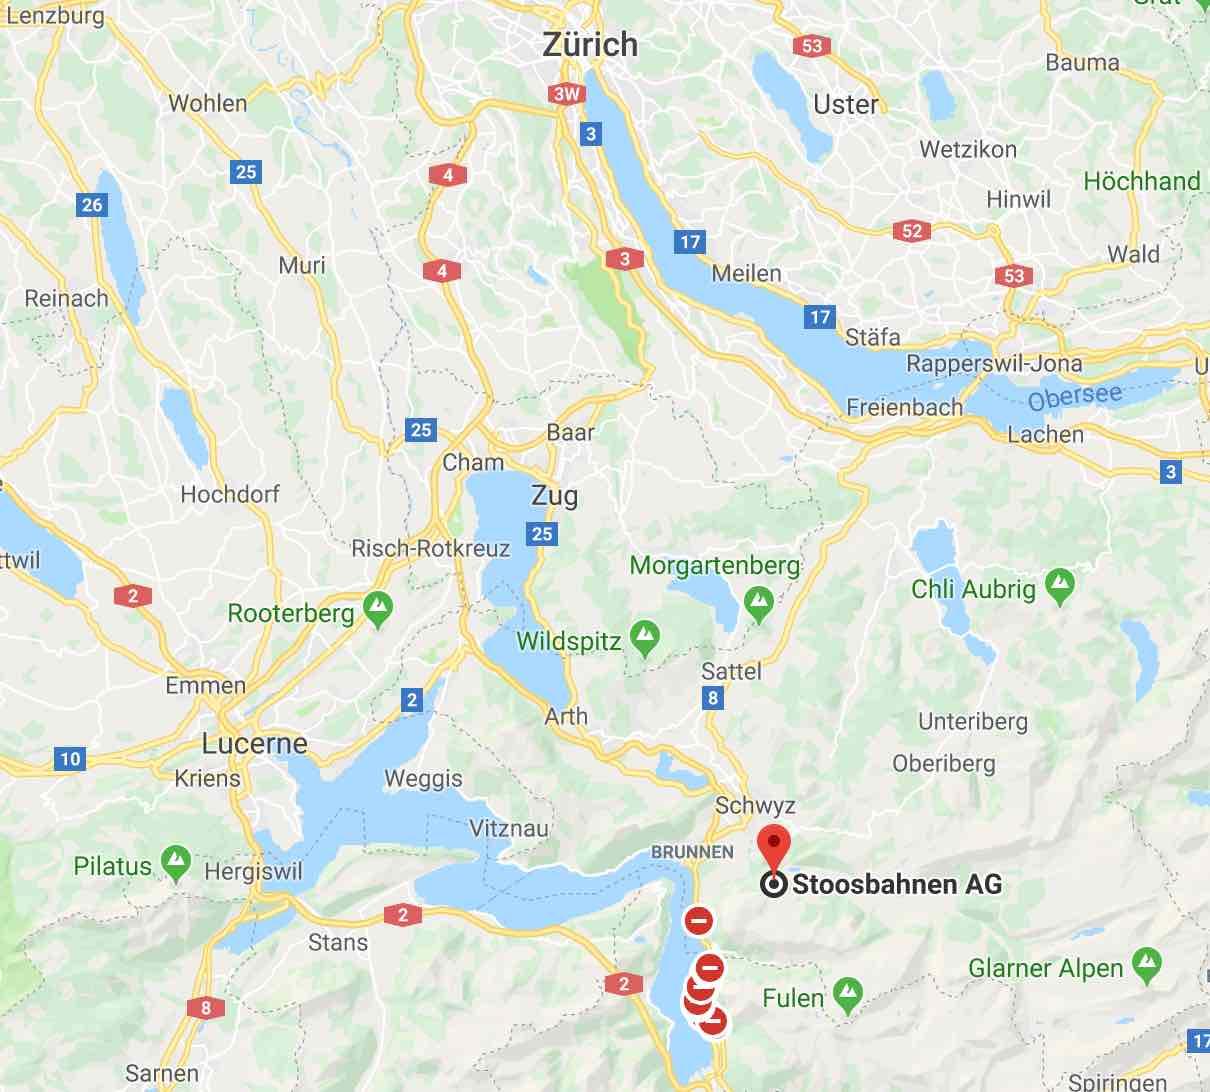 Stoos Google maps